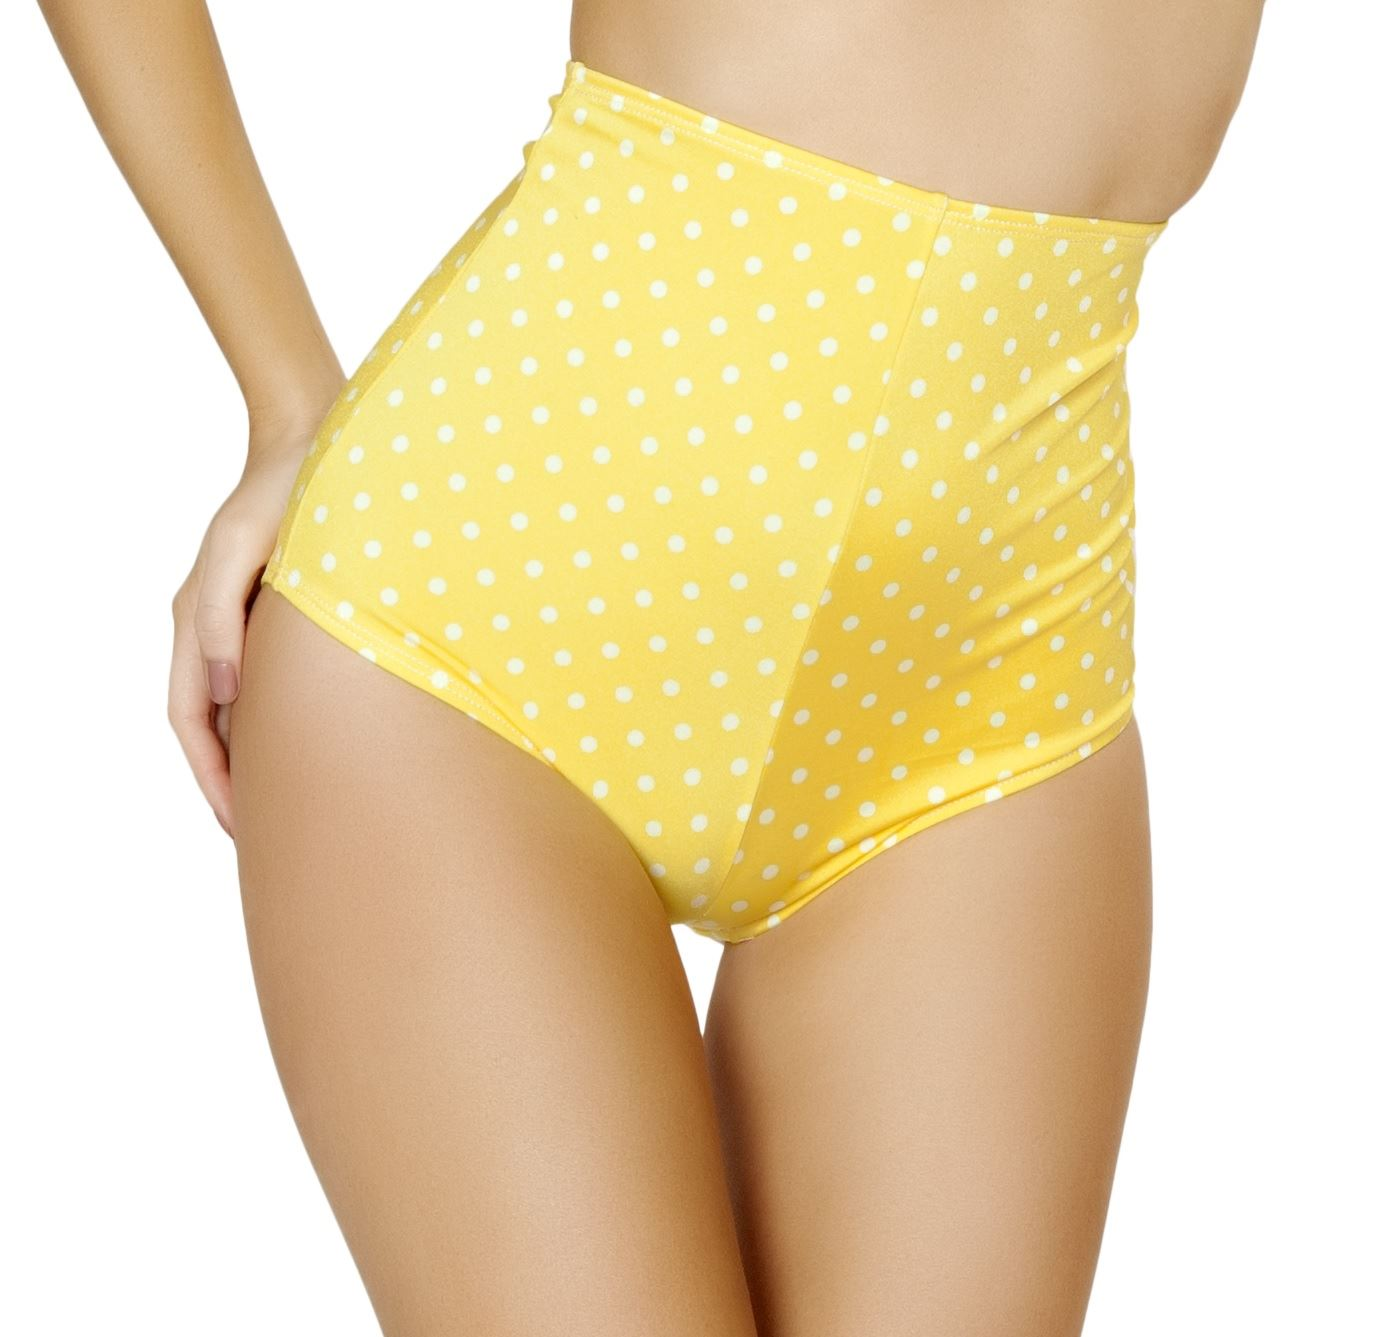 Polka Dot High Waisted Shorts